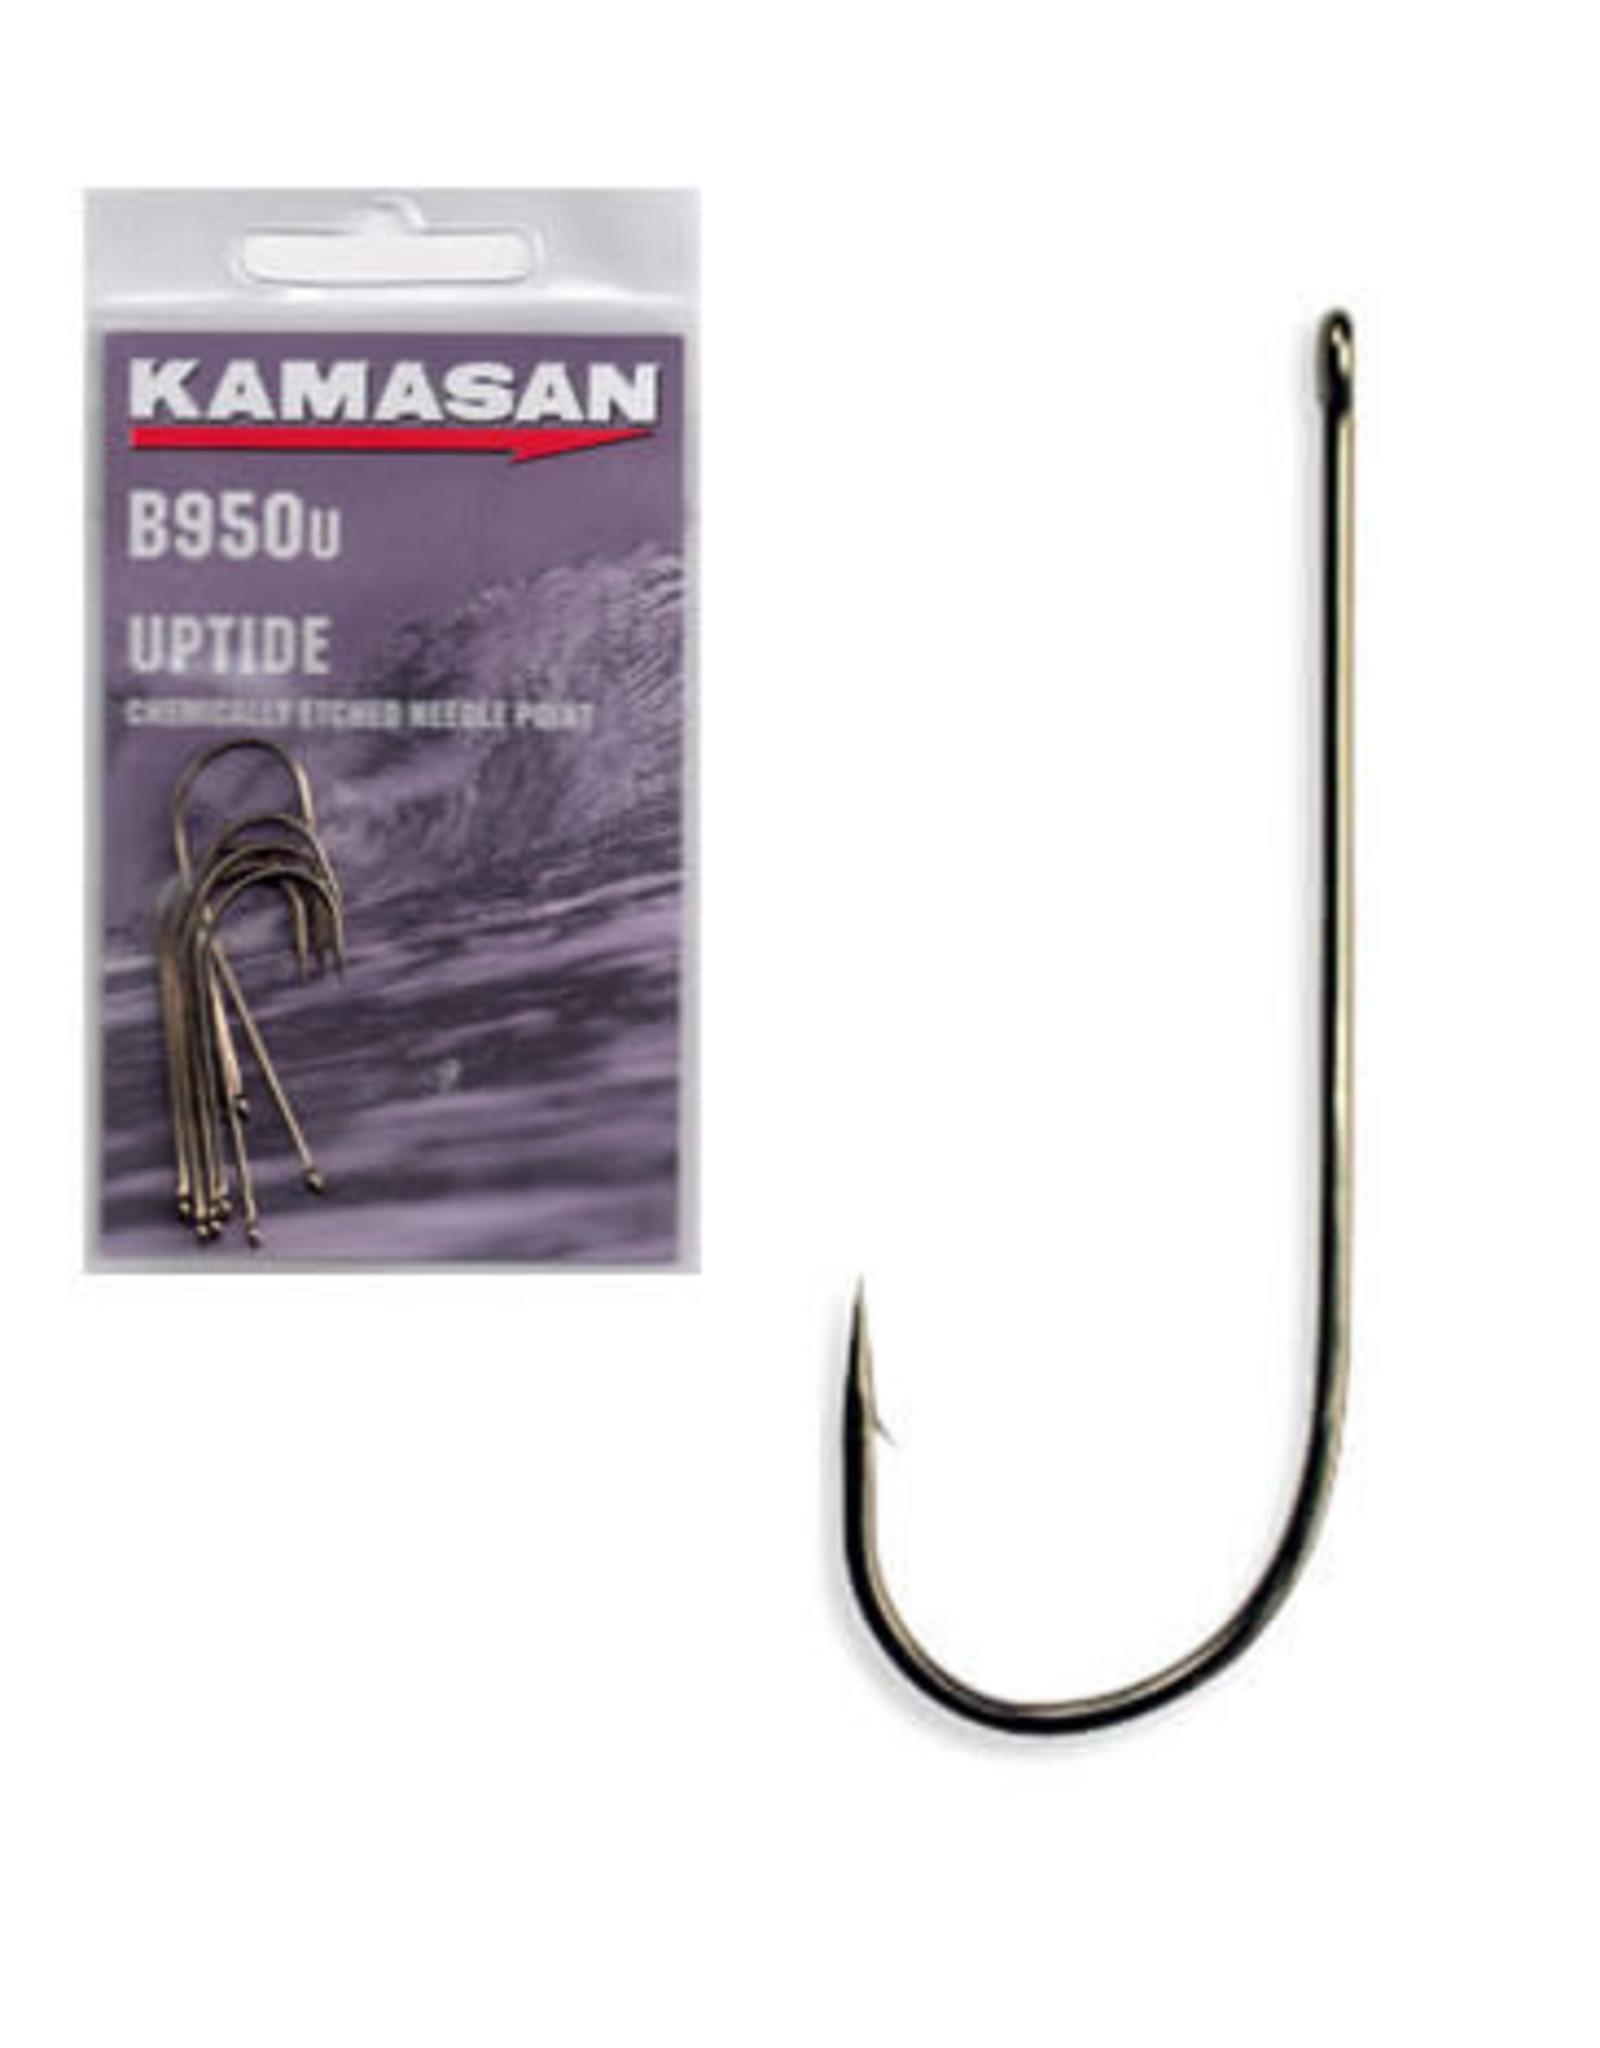 Kamasan Kamasan B950u